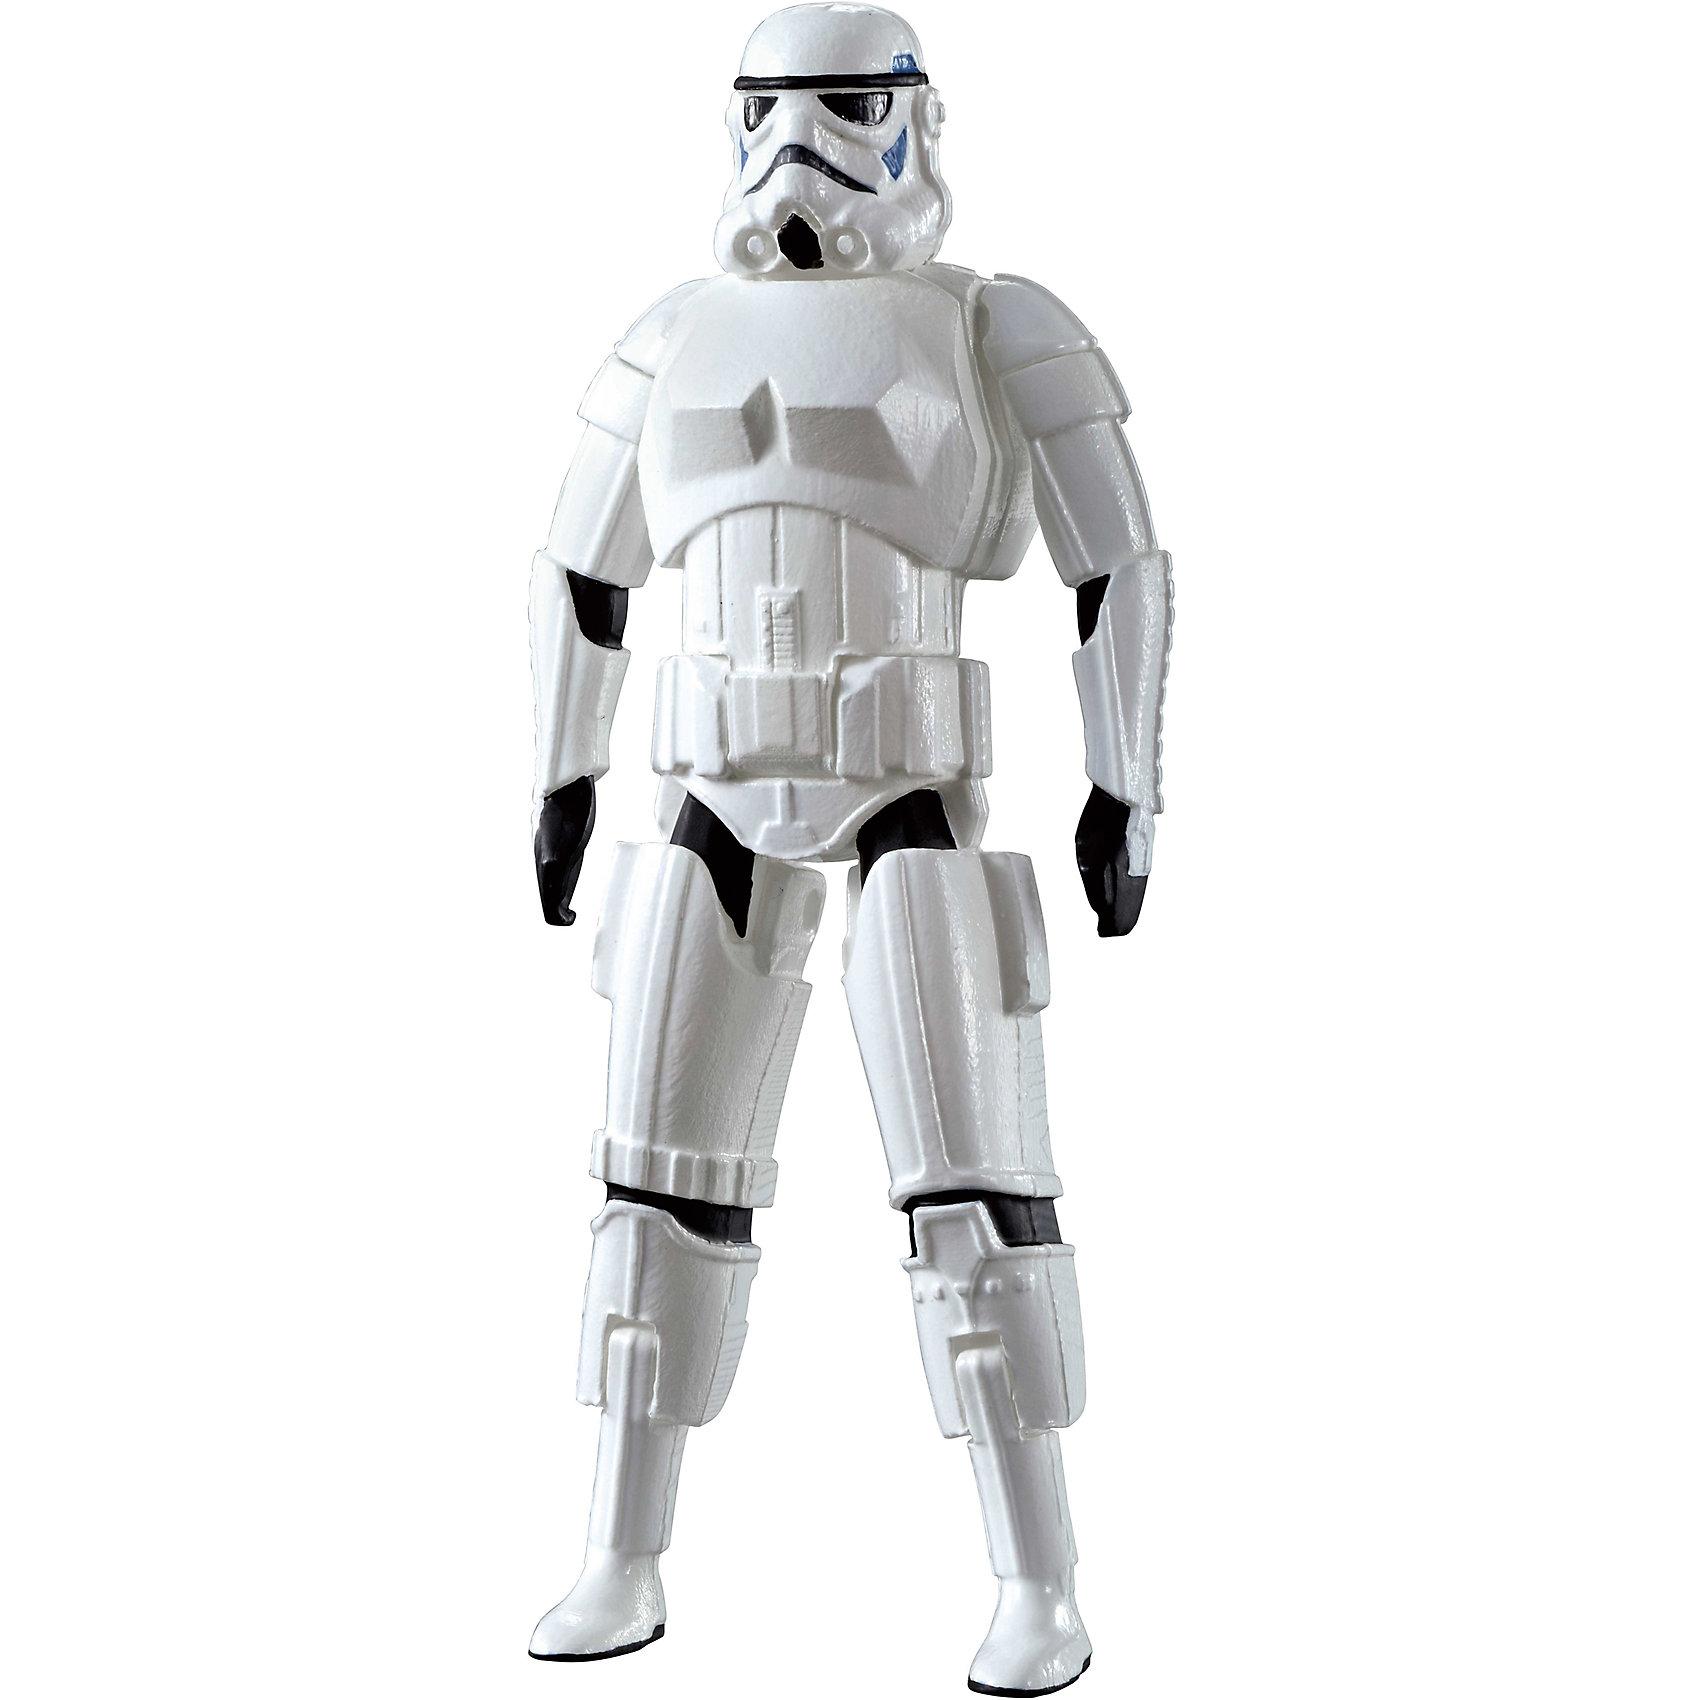 Яйцо-трансформер Штурмовик, Звездные войныИгрушки<br>Яйцо-трансформер Штурмовик, Звездные войны  - оригинальная игрушка, которая станет приятным сюрпризом для всех поклонников знаменитой киноэпопеи Звездные войны (Star Wars). В наборе Вы найдете необычное яйцо, которое при помощи нескольких движений превращается в фигурку штурмовика - элитного воина вооружённых сил Империи. Фигурка в белых доспехах изготовлена из высококачественного пластика, прекрасно детализирована, руки и ноги подвижны. В серии яиц-трансформеров от фирмы Bandai представлена целая галерея популярных персонажей Звездных войн, собранные вместе они составят оригинальную коллекцию.  <br><br>Дополнительная информация:<br><br>- Материал: пластик.<br>- Высота фигурки: 10 см.<br>- Размер упаковки: 12,5 х 17 х 5,5 см.<br>- Вес: 100 гр.<br><br>Яйцо-трансформер Штурмовик, Звездные войны, Bandai, можно купить в нашем интернет-магазине.<br><br>Ширина мм: 125<br>Глубина мм: 170<br>Высота мм: 55<br>Вес г: 84<br>Возраст от месяцев: 60<br>Возраст до месяцев: 192<br>Пол: Мужской<br>Возраст: Детский<br>SKU: 4302521